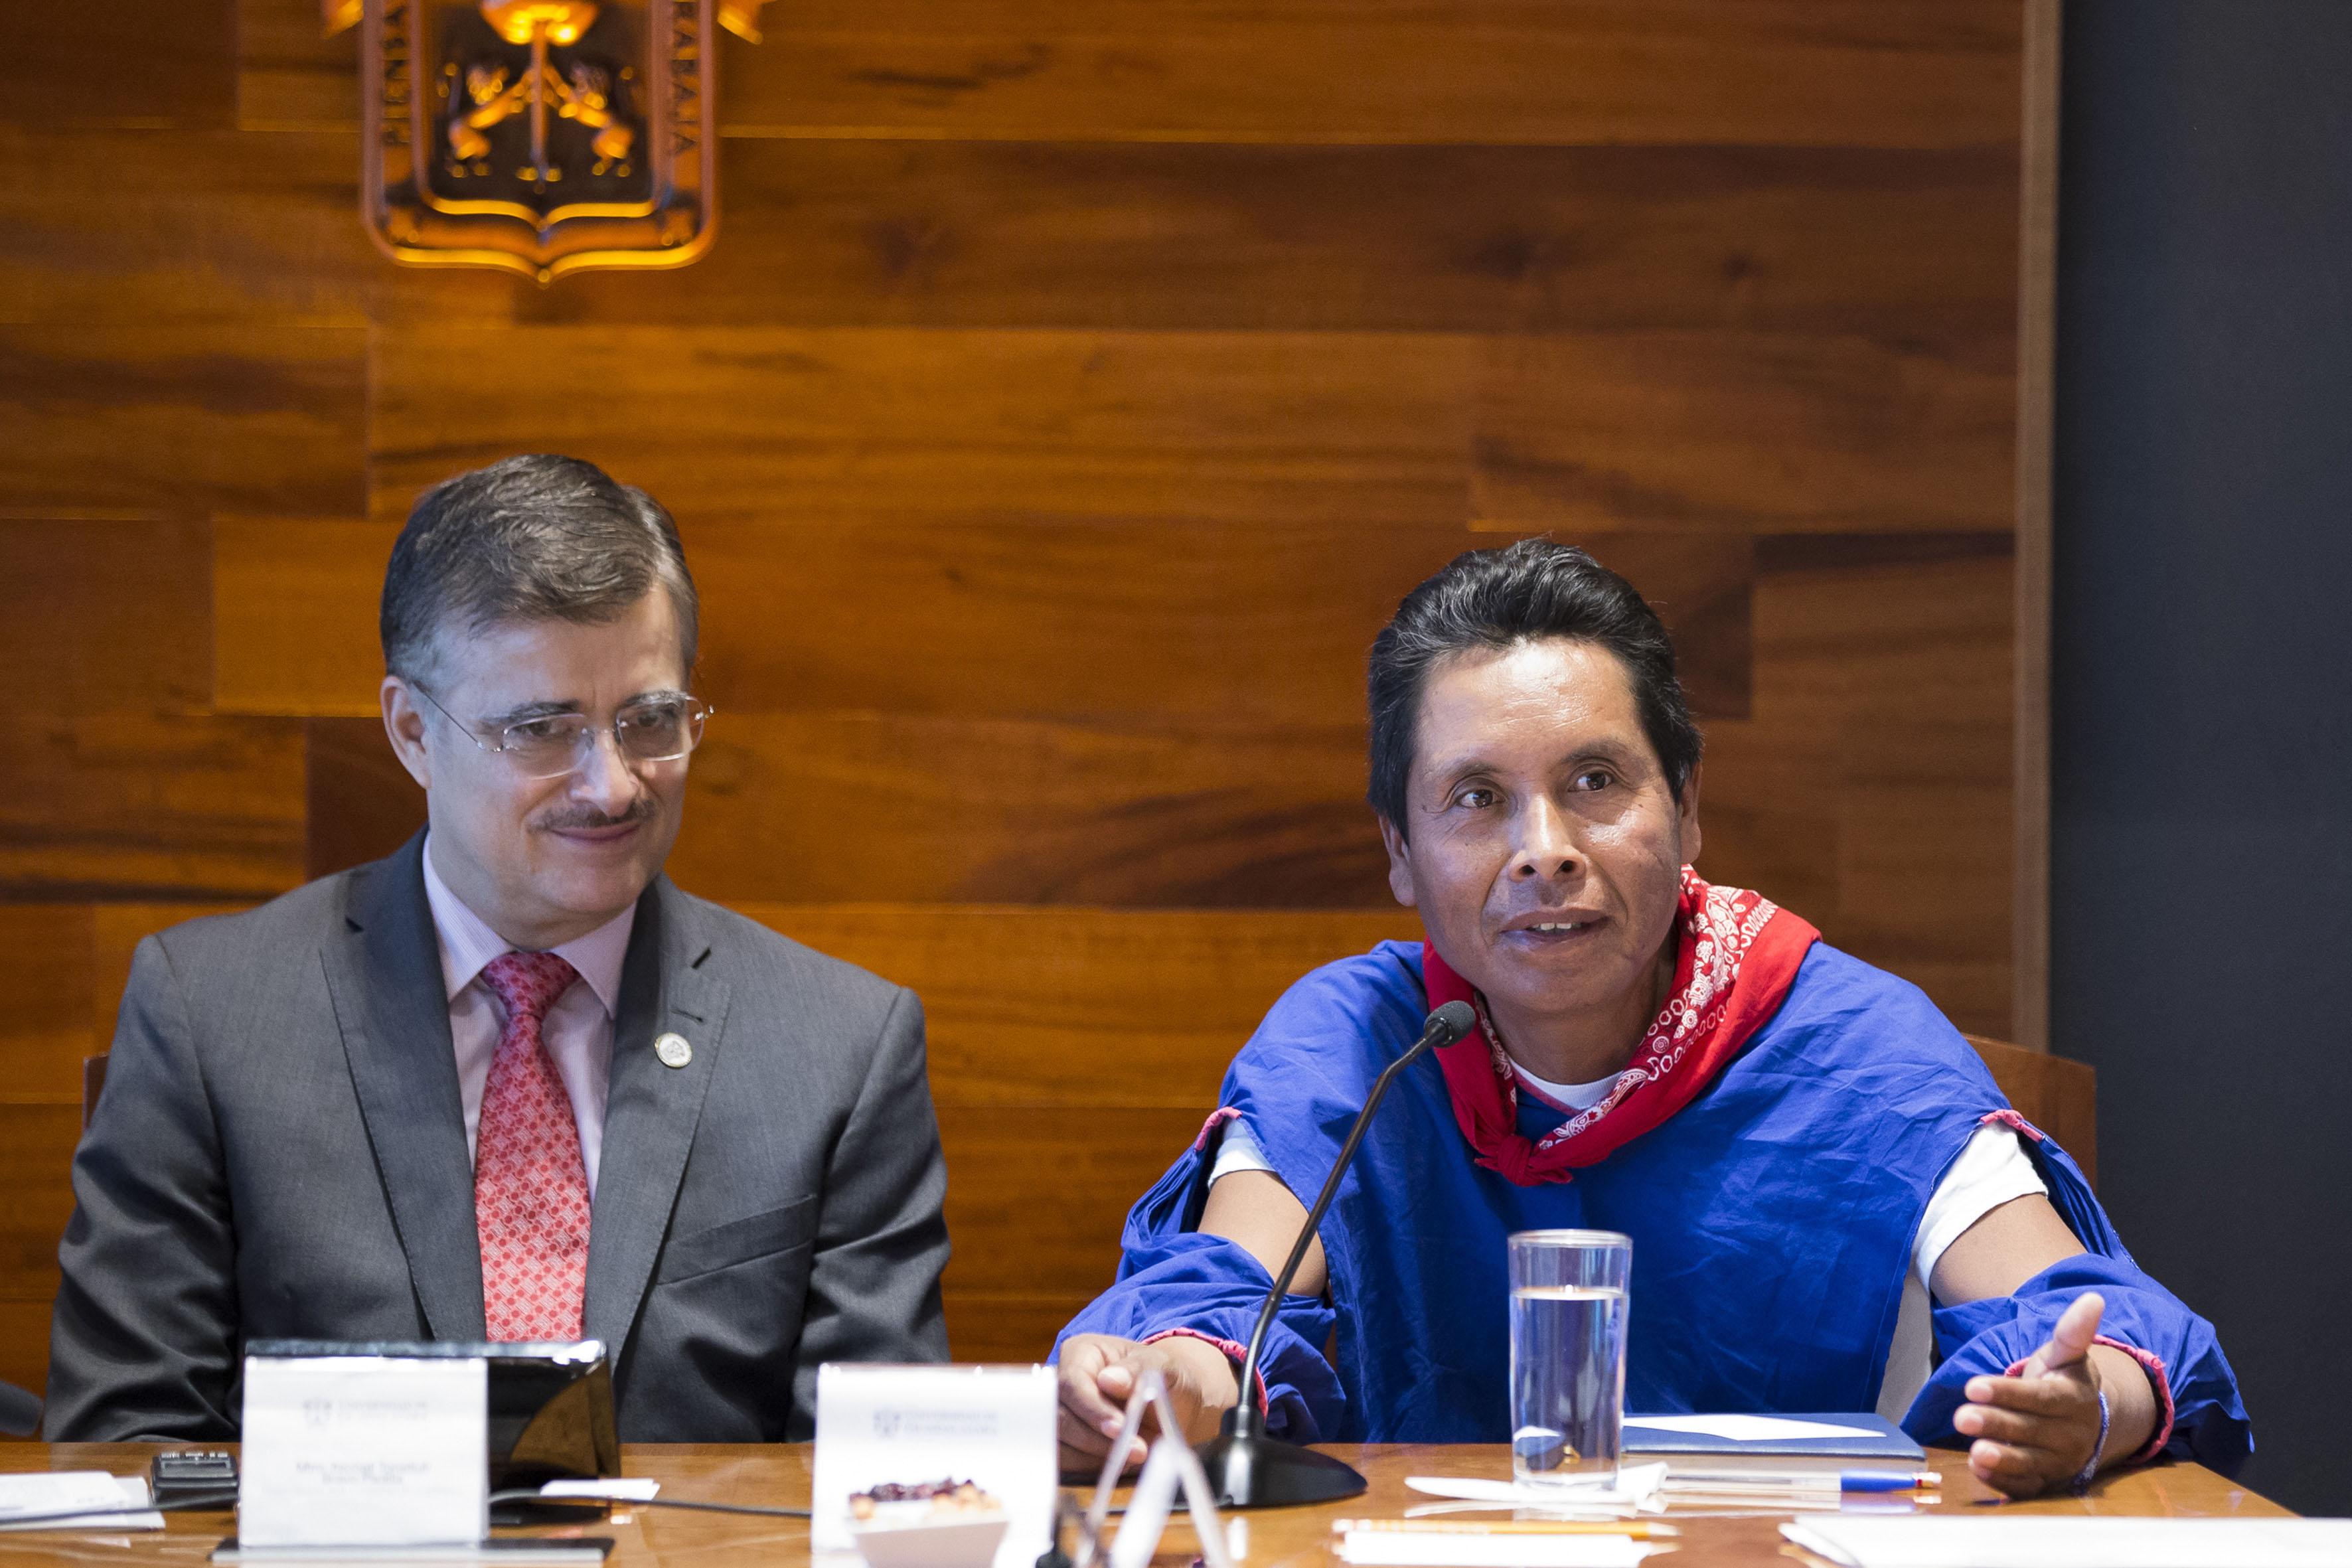 Miembro de la comunidad de Santa Catarina, haciendo uso de la palabra